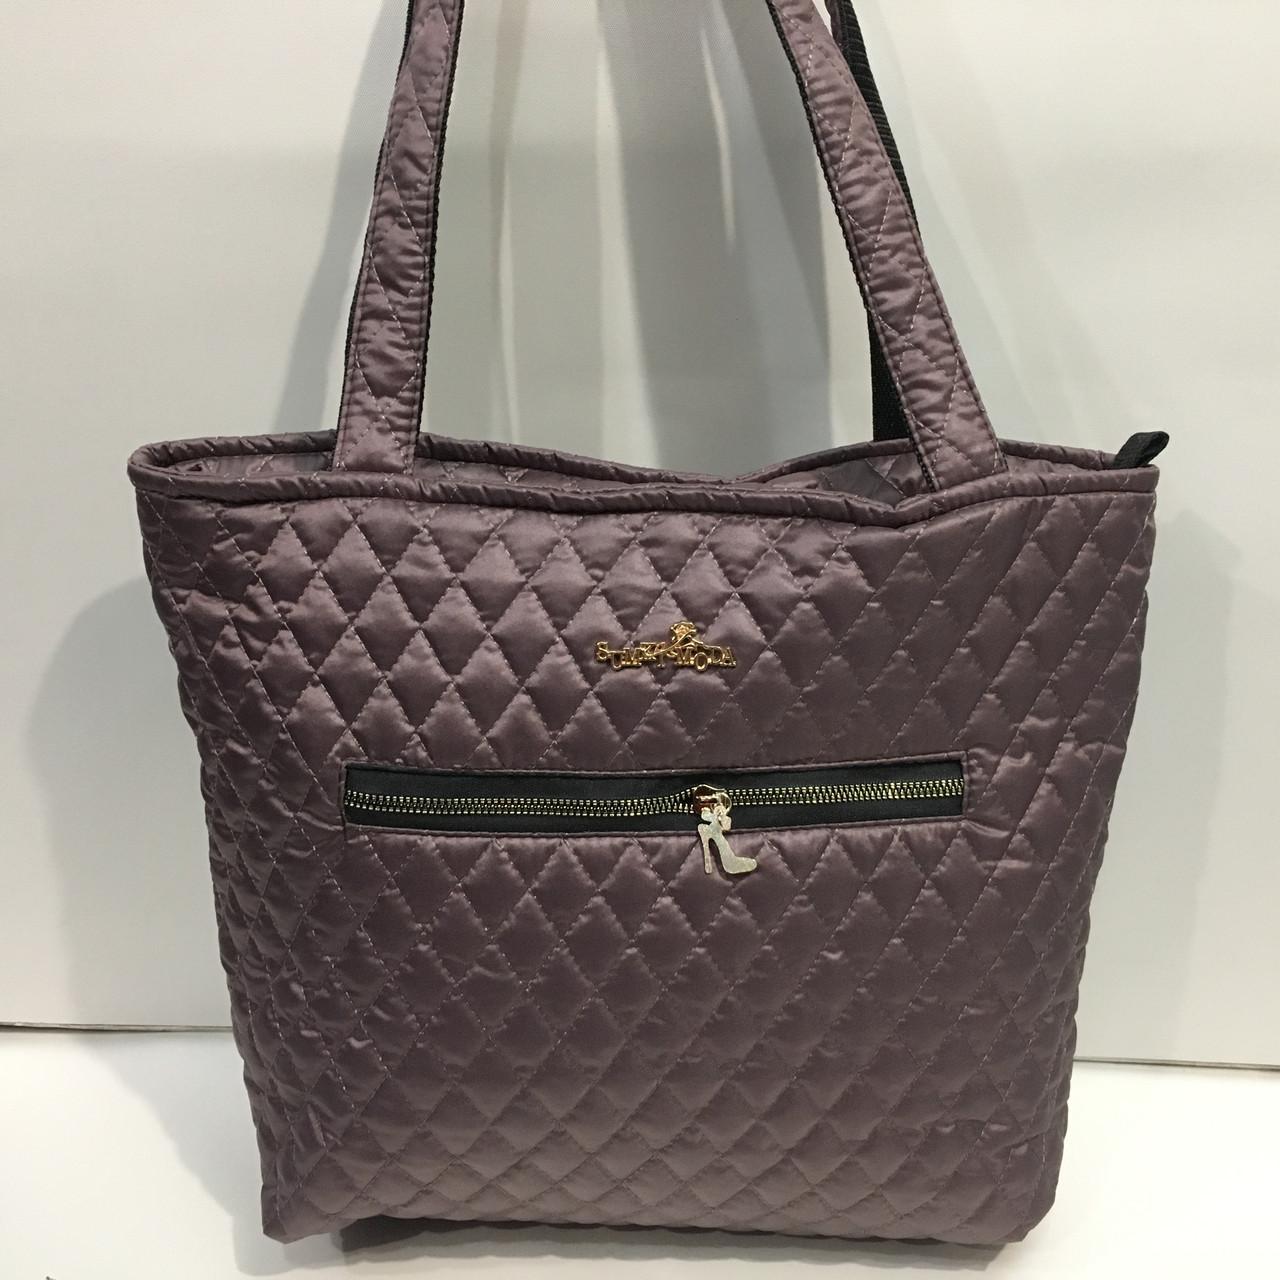 Стильная стеганая болоньевая сумка. Модная женская сумка. Удобная,  вместительная сумка оптом 290306badb2